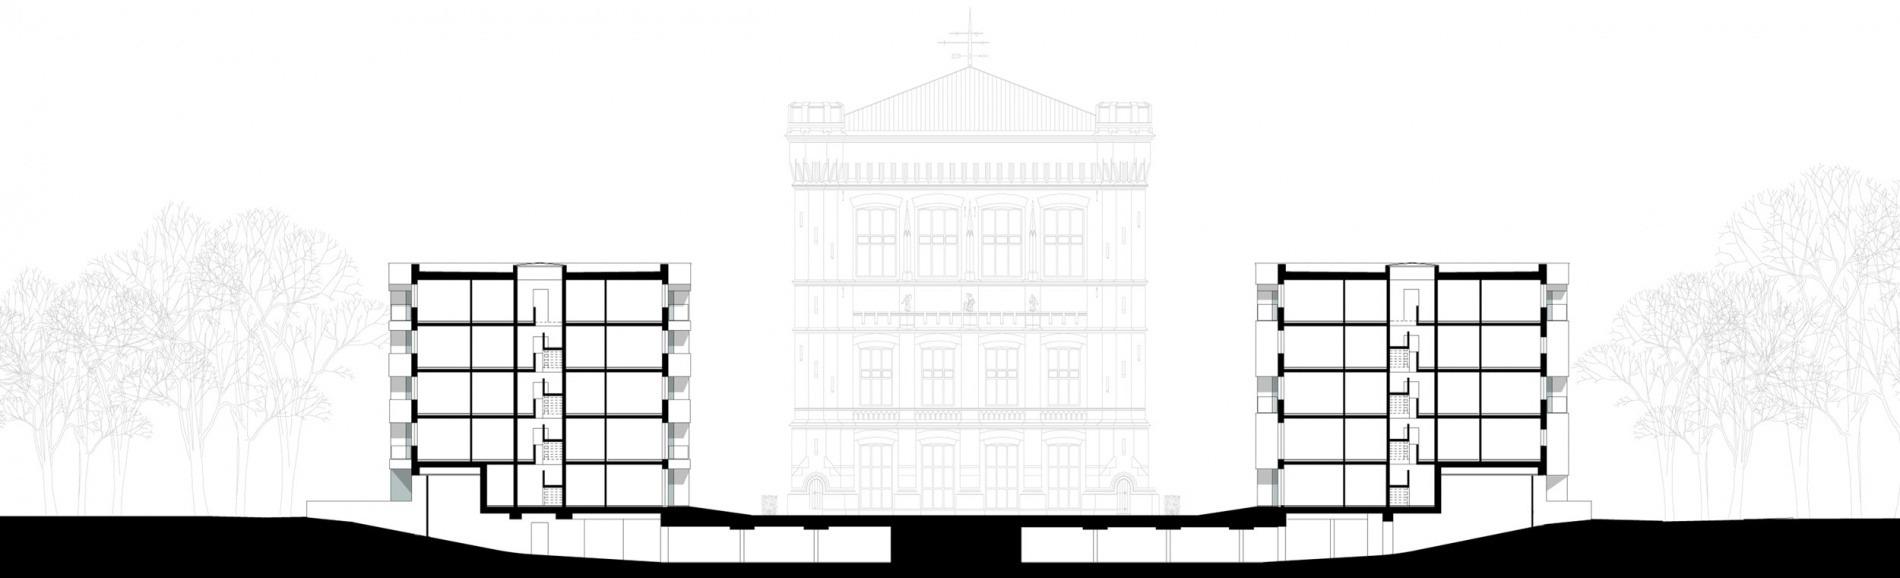 Wohnungsbau Stadtwerder Zeichnung Querschnitt